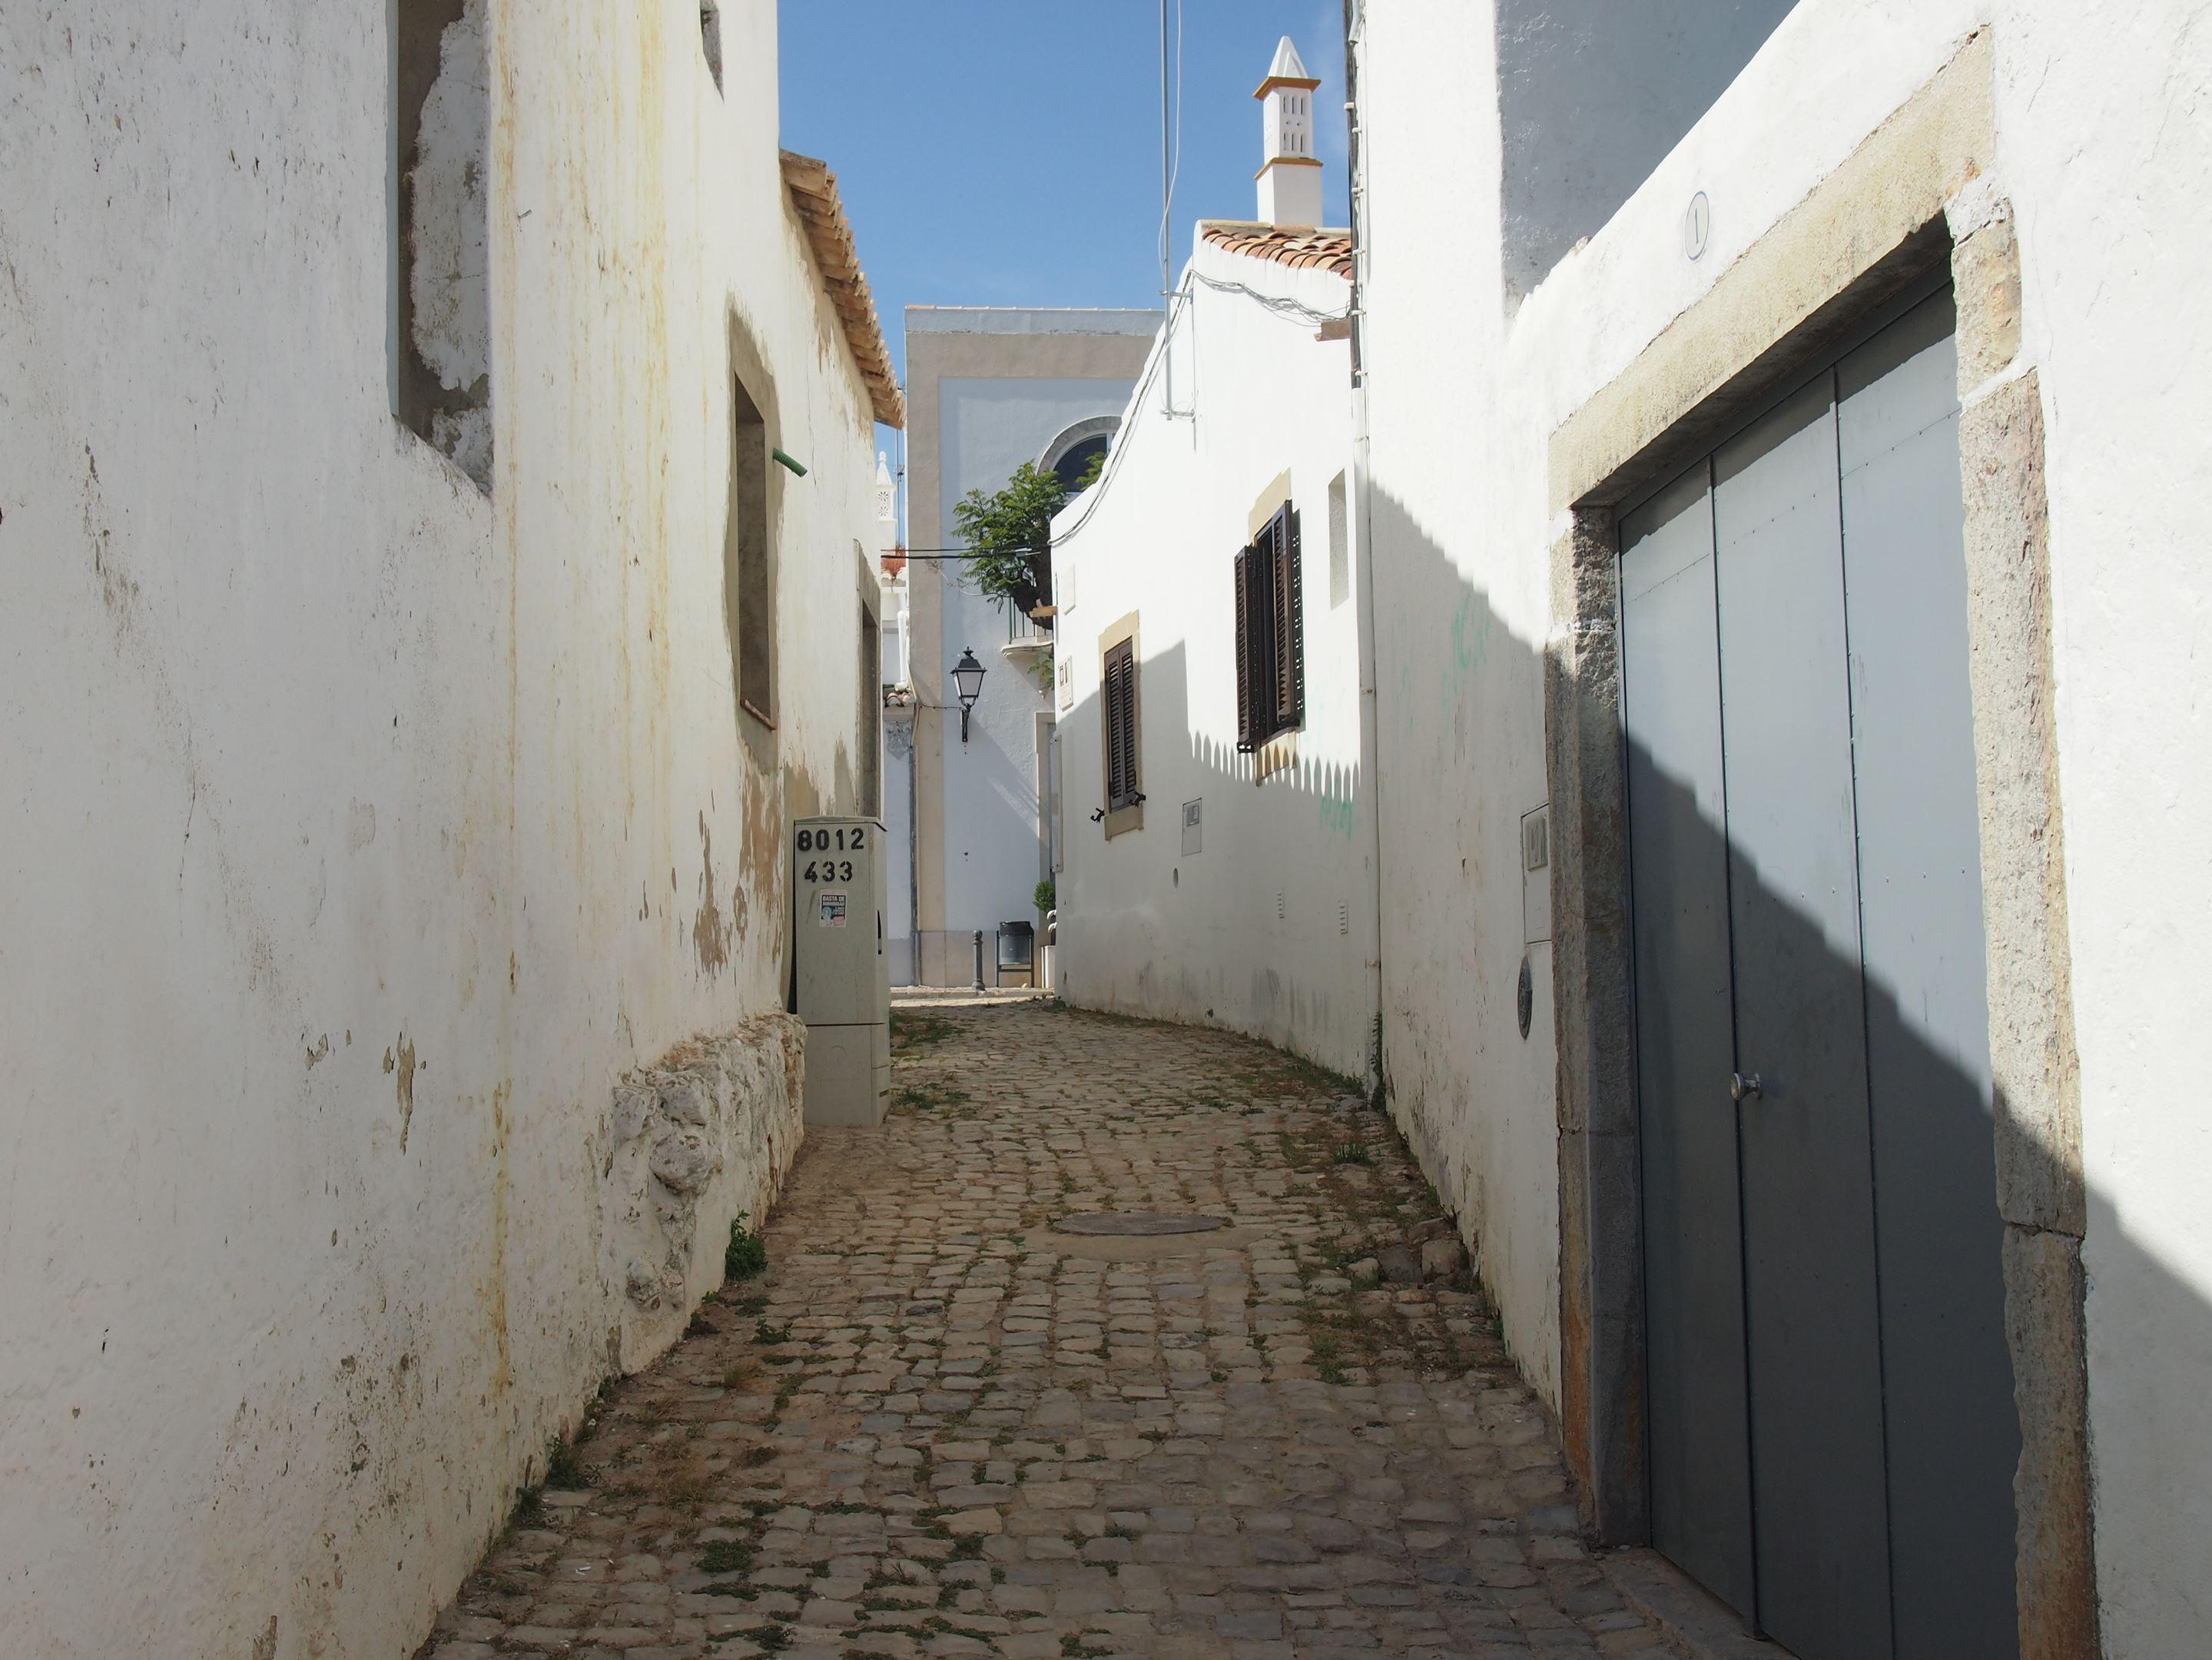 The Roman road in São Brás de Alportel, Calçadinha Romana